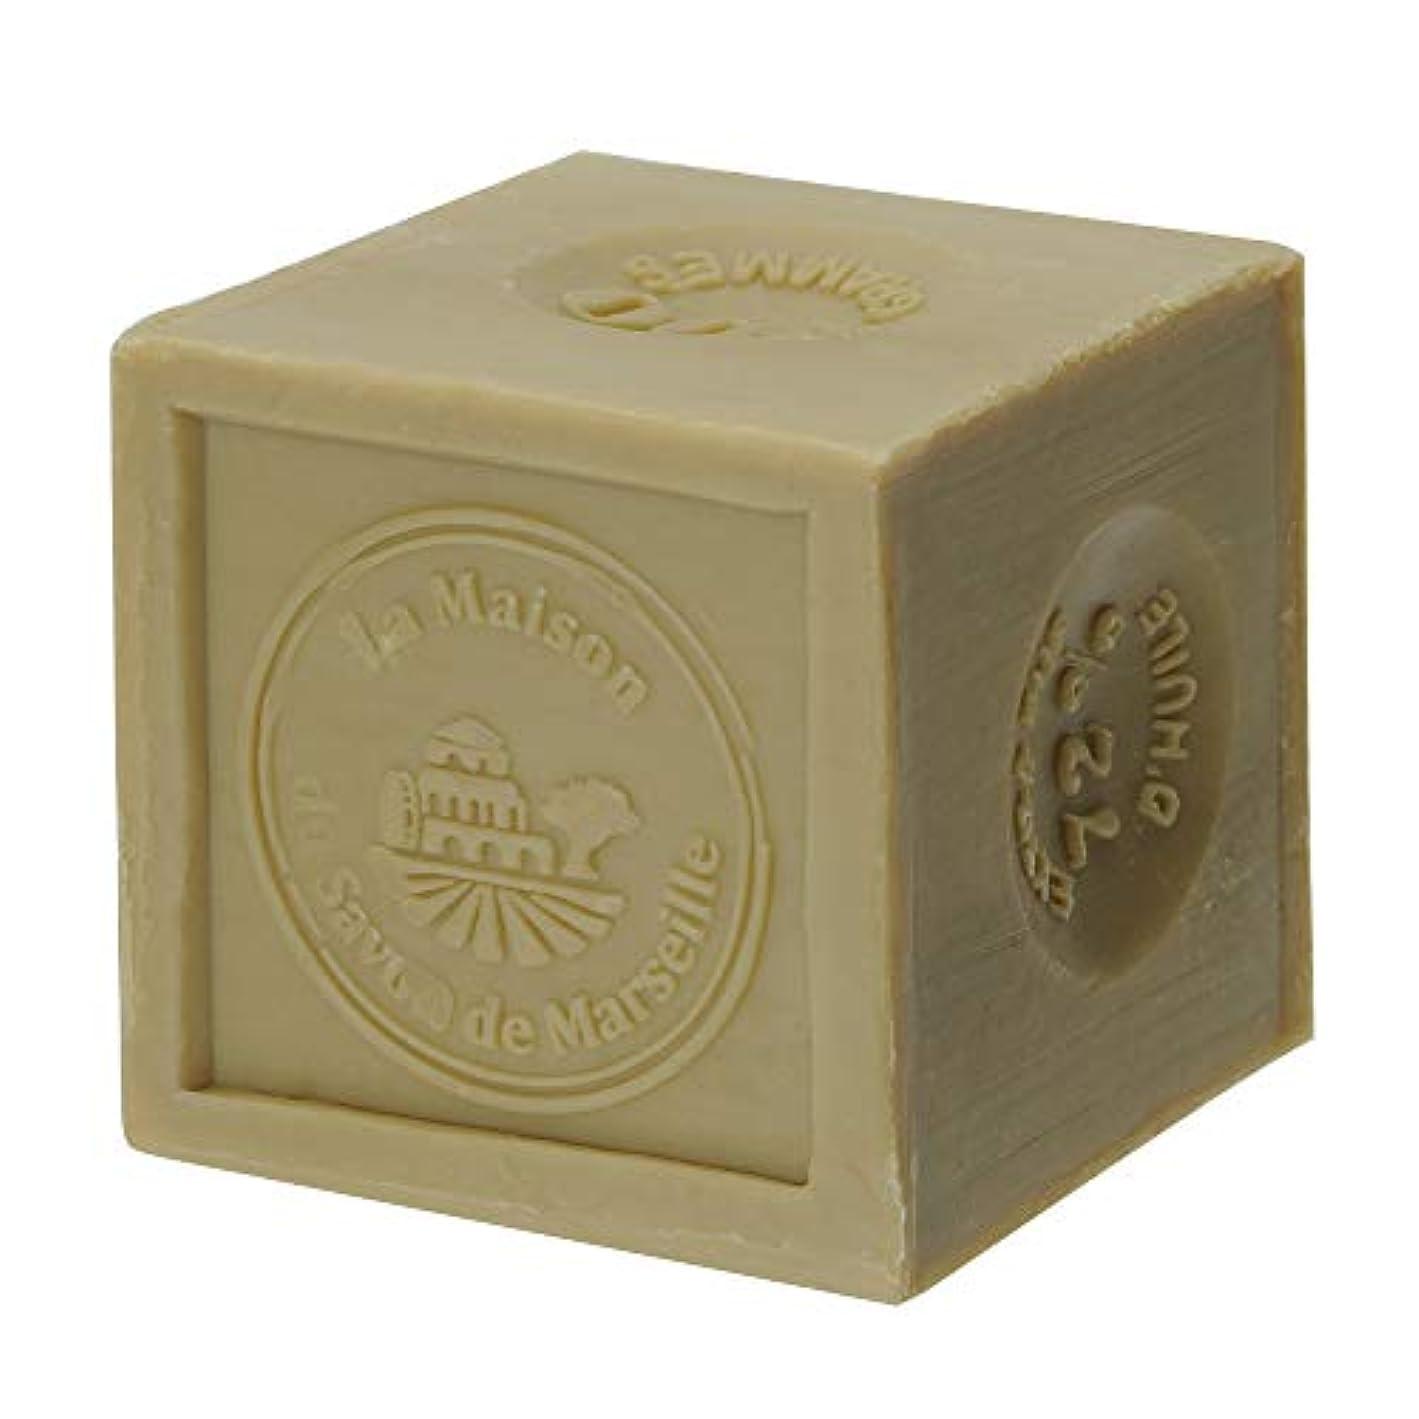 辛な不調和彼のノルコーポレーション マルセイユ石鹸 オリーブ UPSM認証マーク付き 300g MLL-3-1